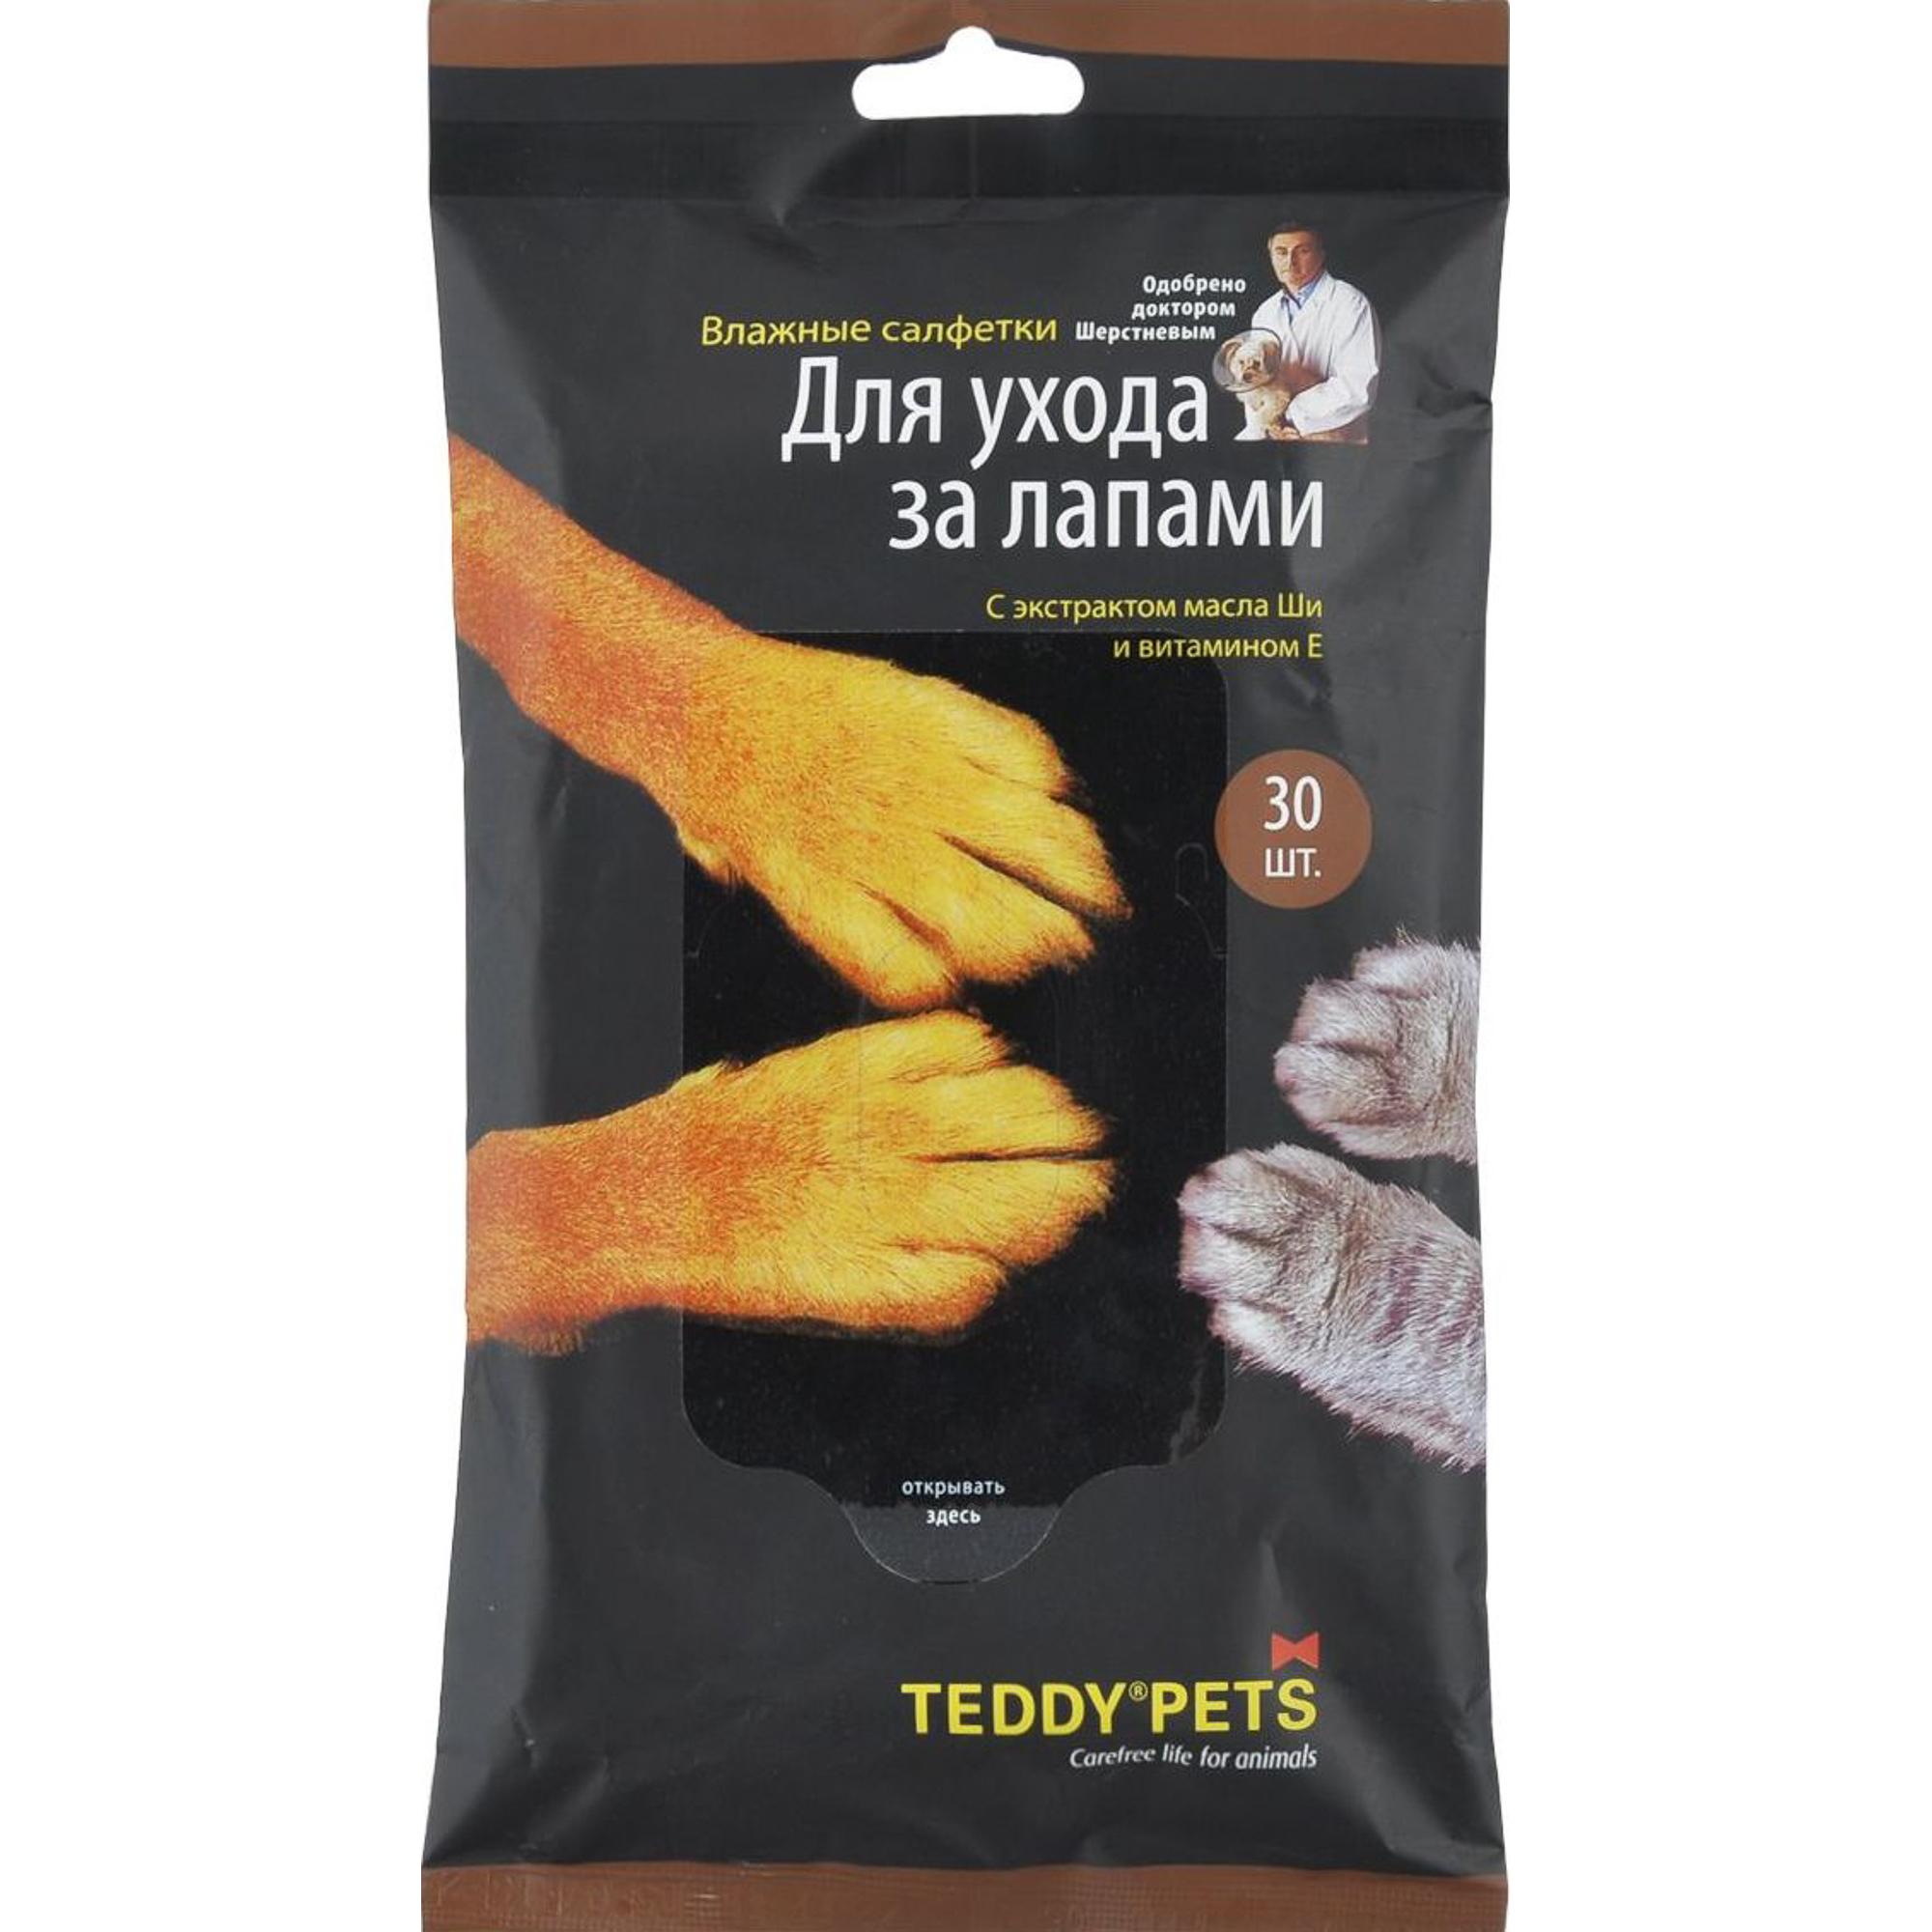 Салфетки для кошек и собак TEDDY PETS Для ухода за лапами 30 шт салфетки teddy pets влажные для ухода за глазами и ушами для кошек и собак